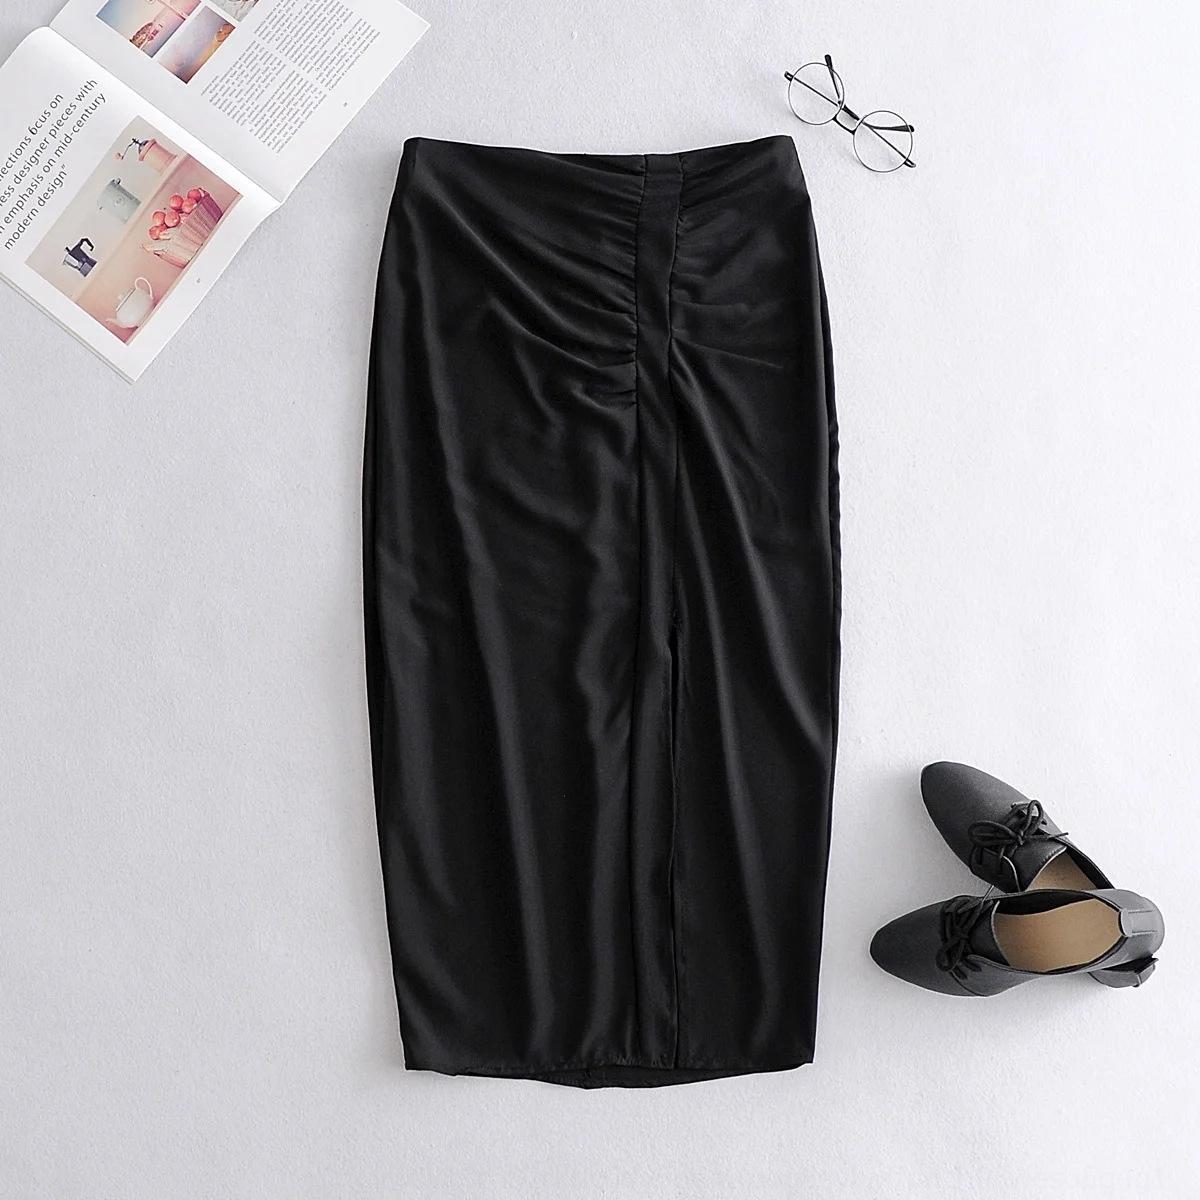 2020 ropa nueva F7pB4 mitad de la longitud de la cintura alta ZBhQE Q3123-viento rectos de las mujeres plisadas verano de las mujeres del verano de la falda recta dividida